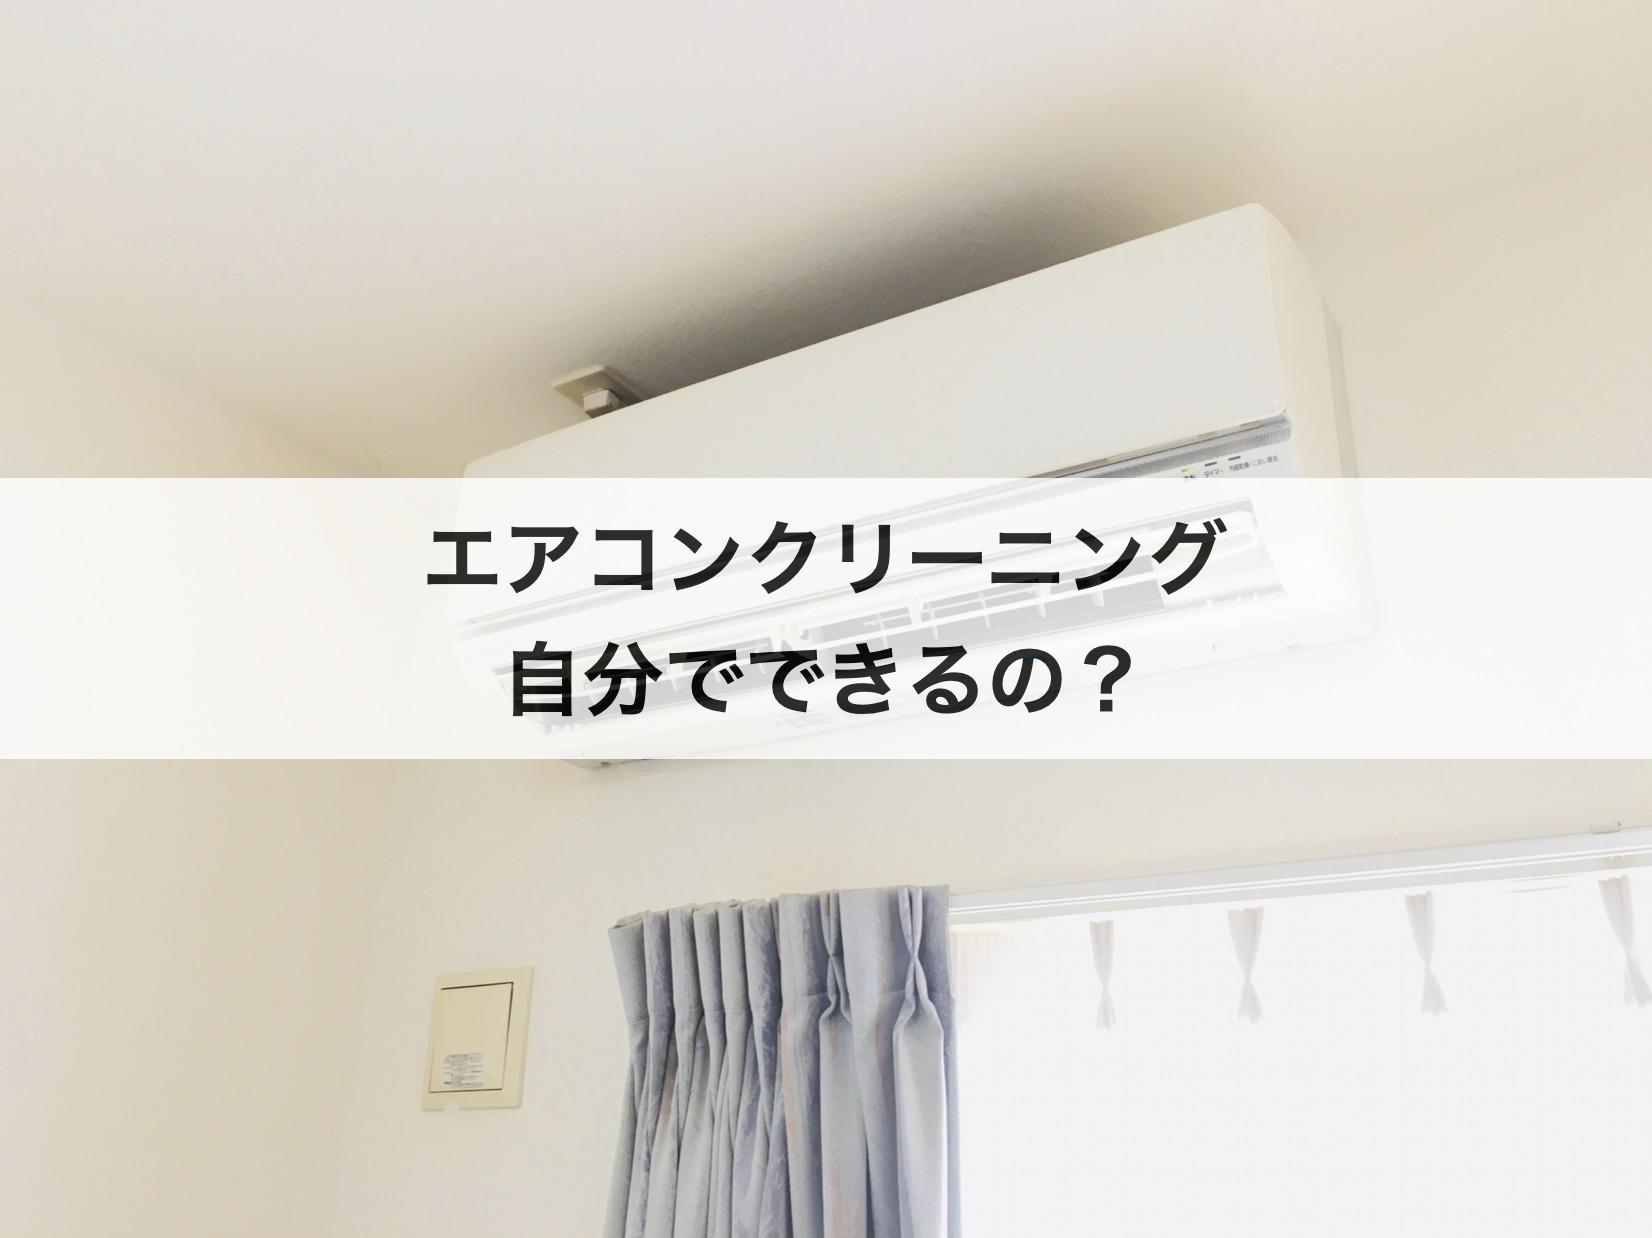 エアコンクリーニングは自分でできるの?やり方や手順をご紹介!